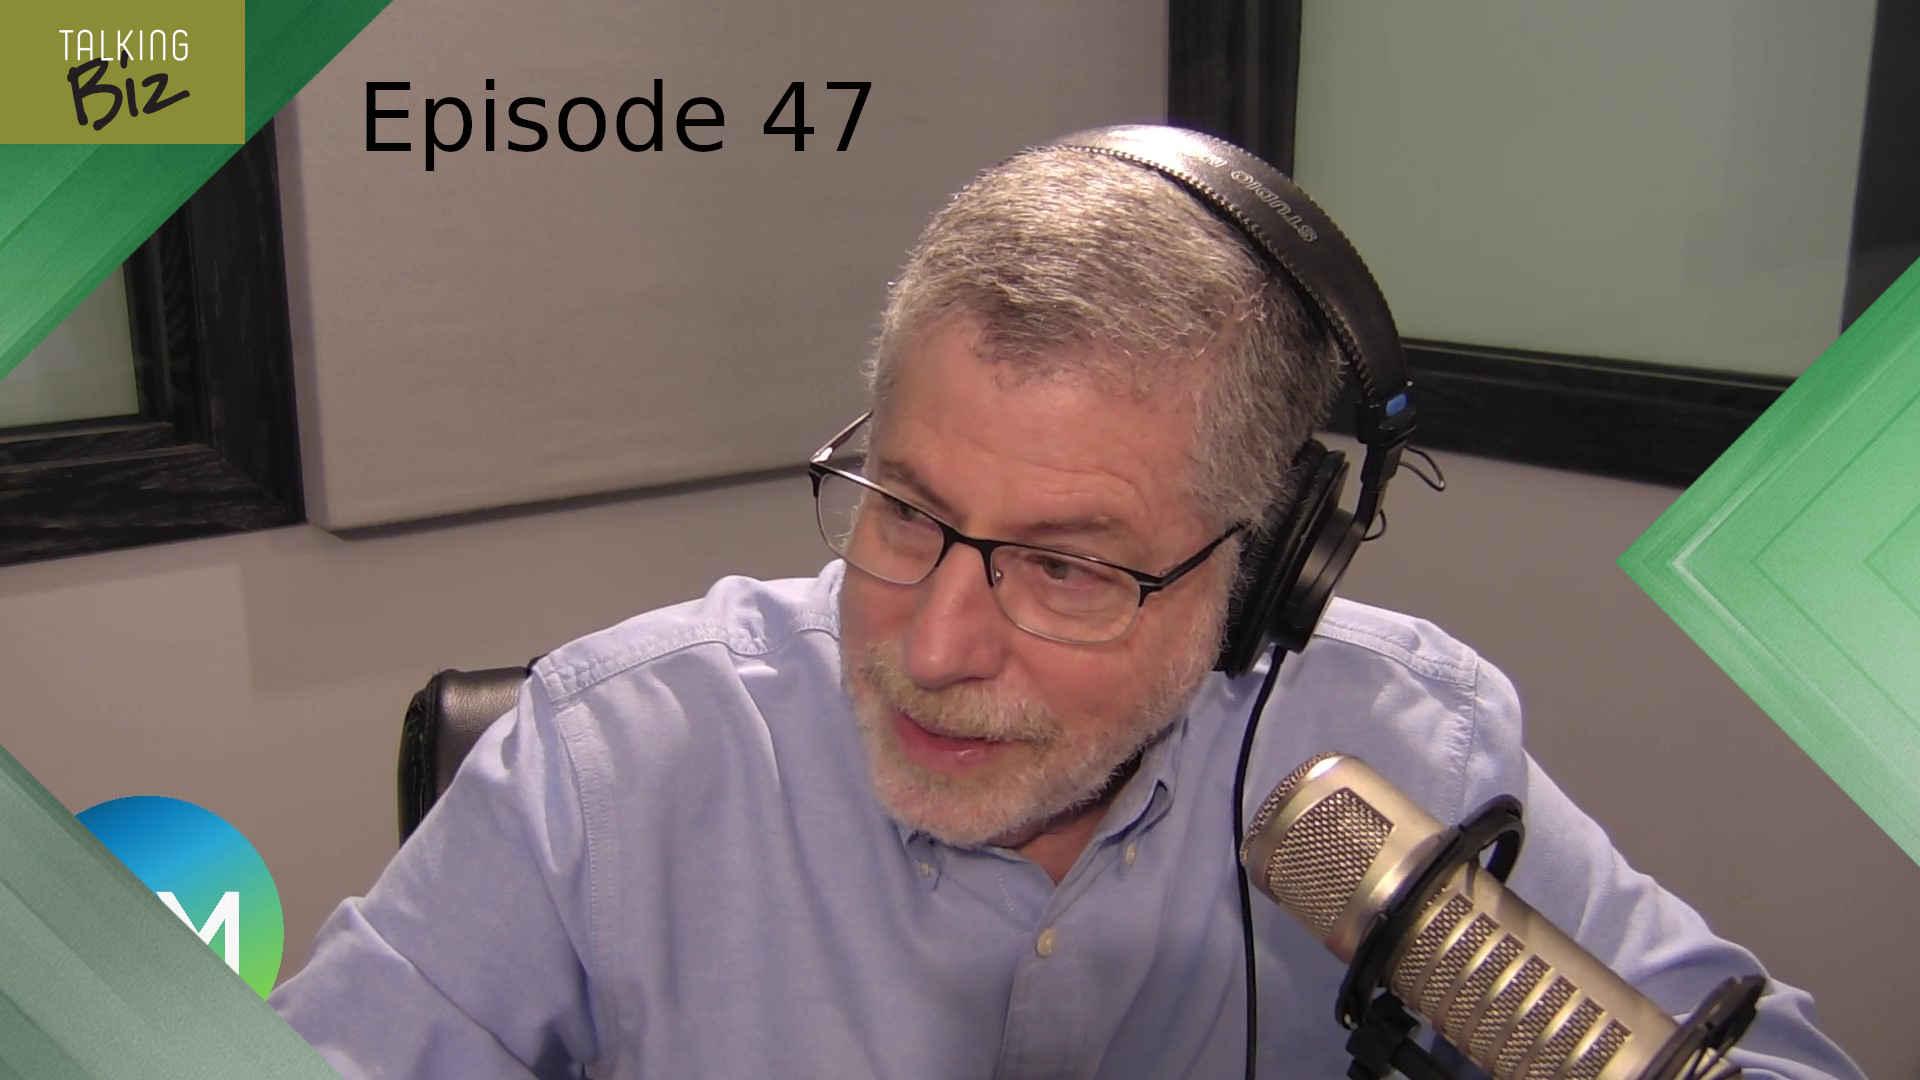 Talking Biz - Episode 47